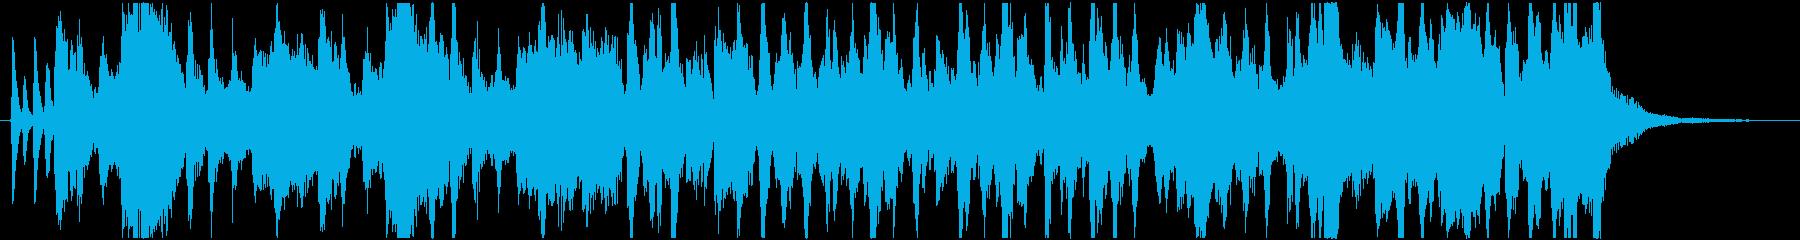 クイズ出題中BGMの再生済みの波形